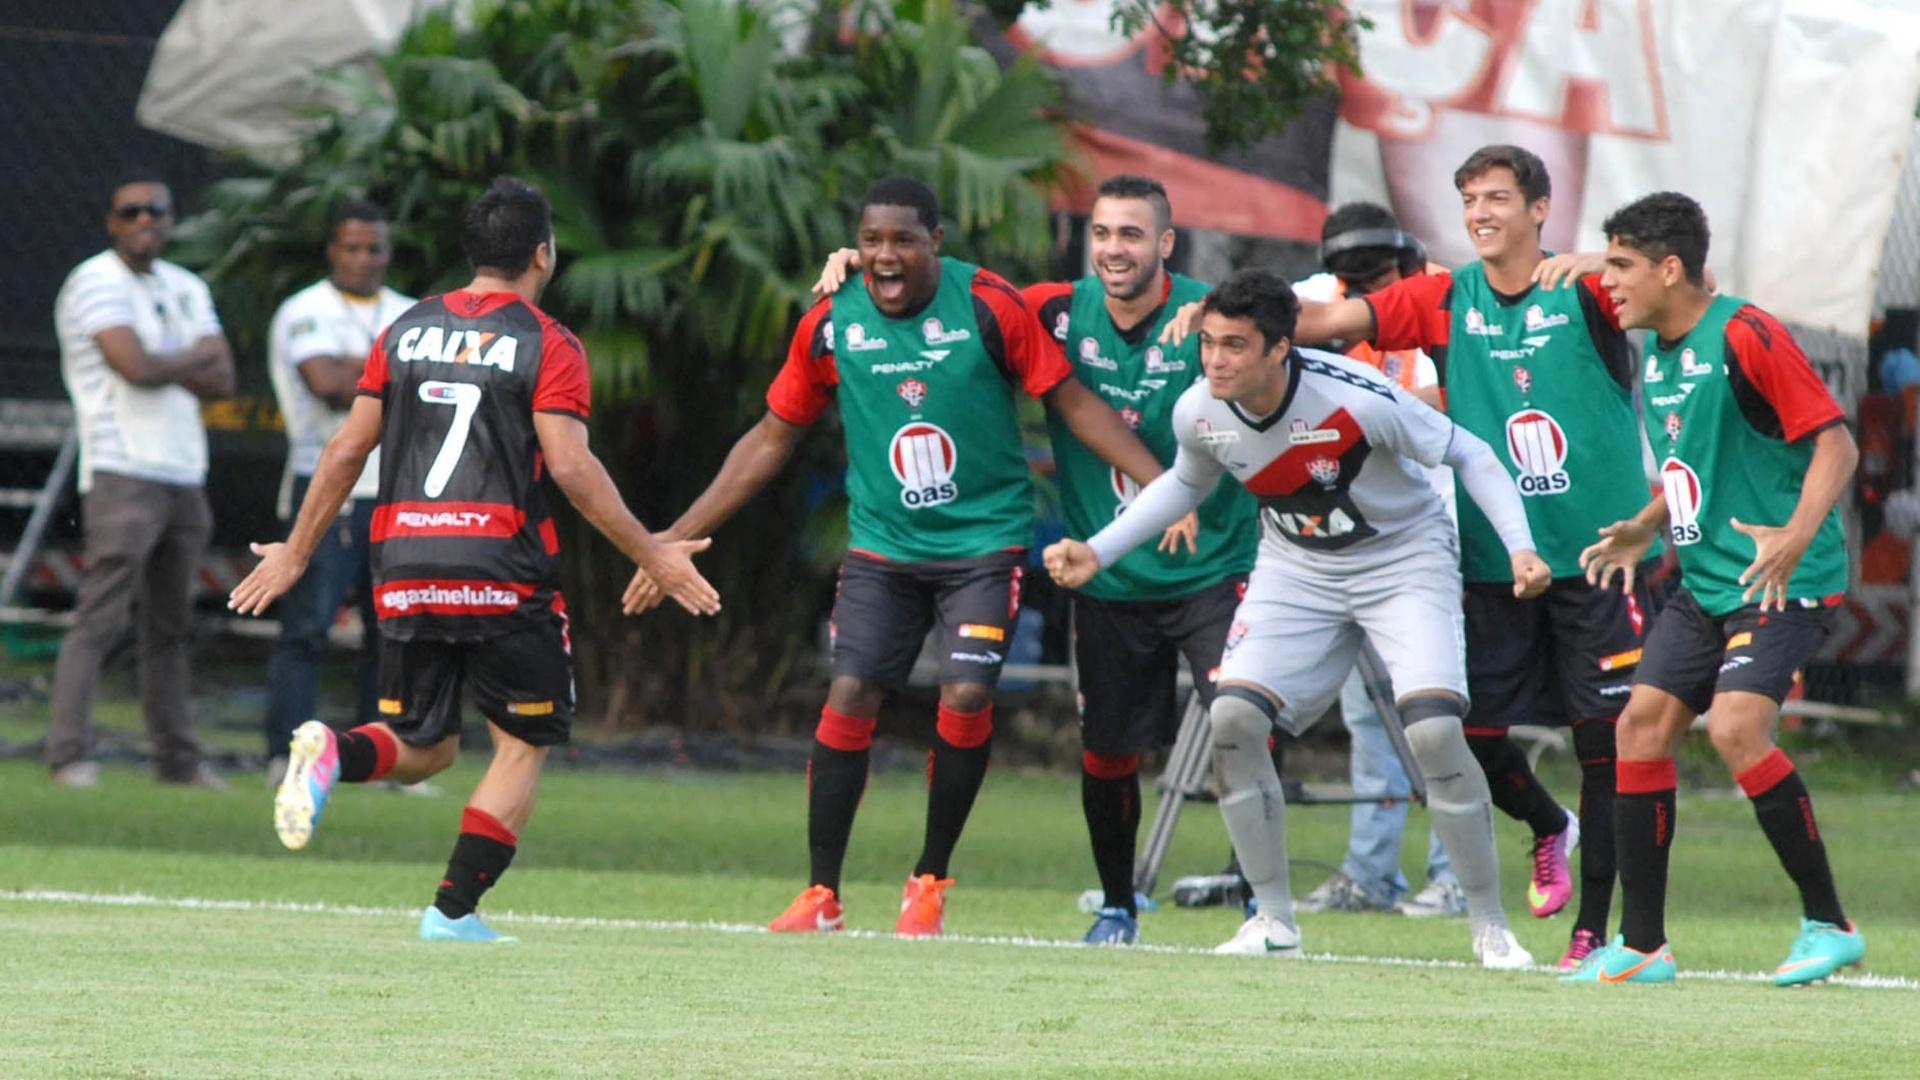 14.jul.2013 - Maxi Bianchucci, do Vitória, comemora gol da equipe baiana contra o São Paulo, em Salvador